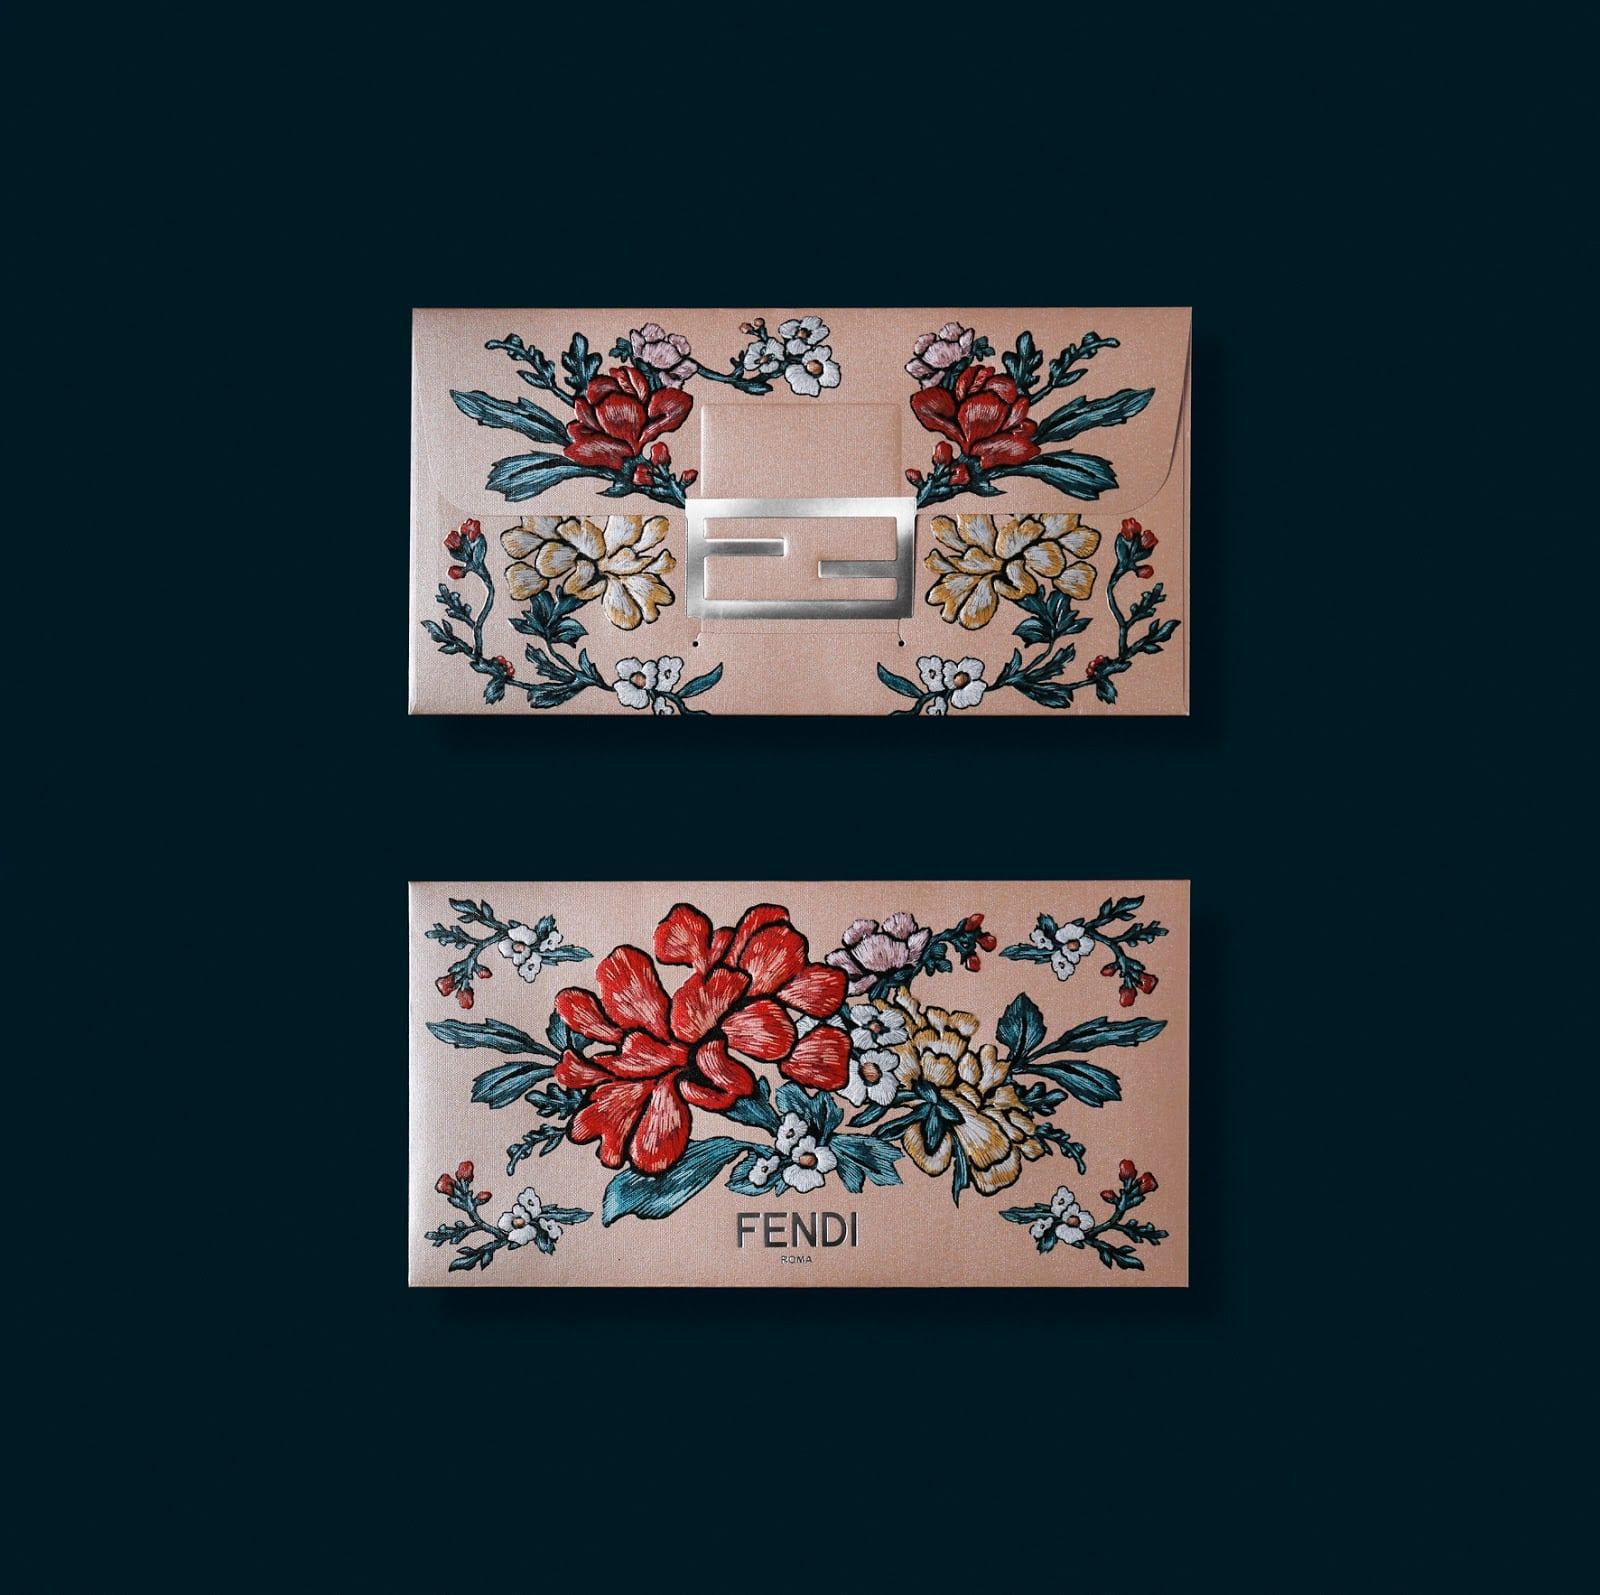 fendi cny redpocket 02 - Fendi Red Packet 2019